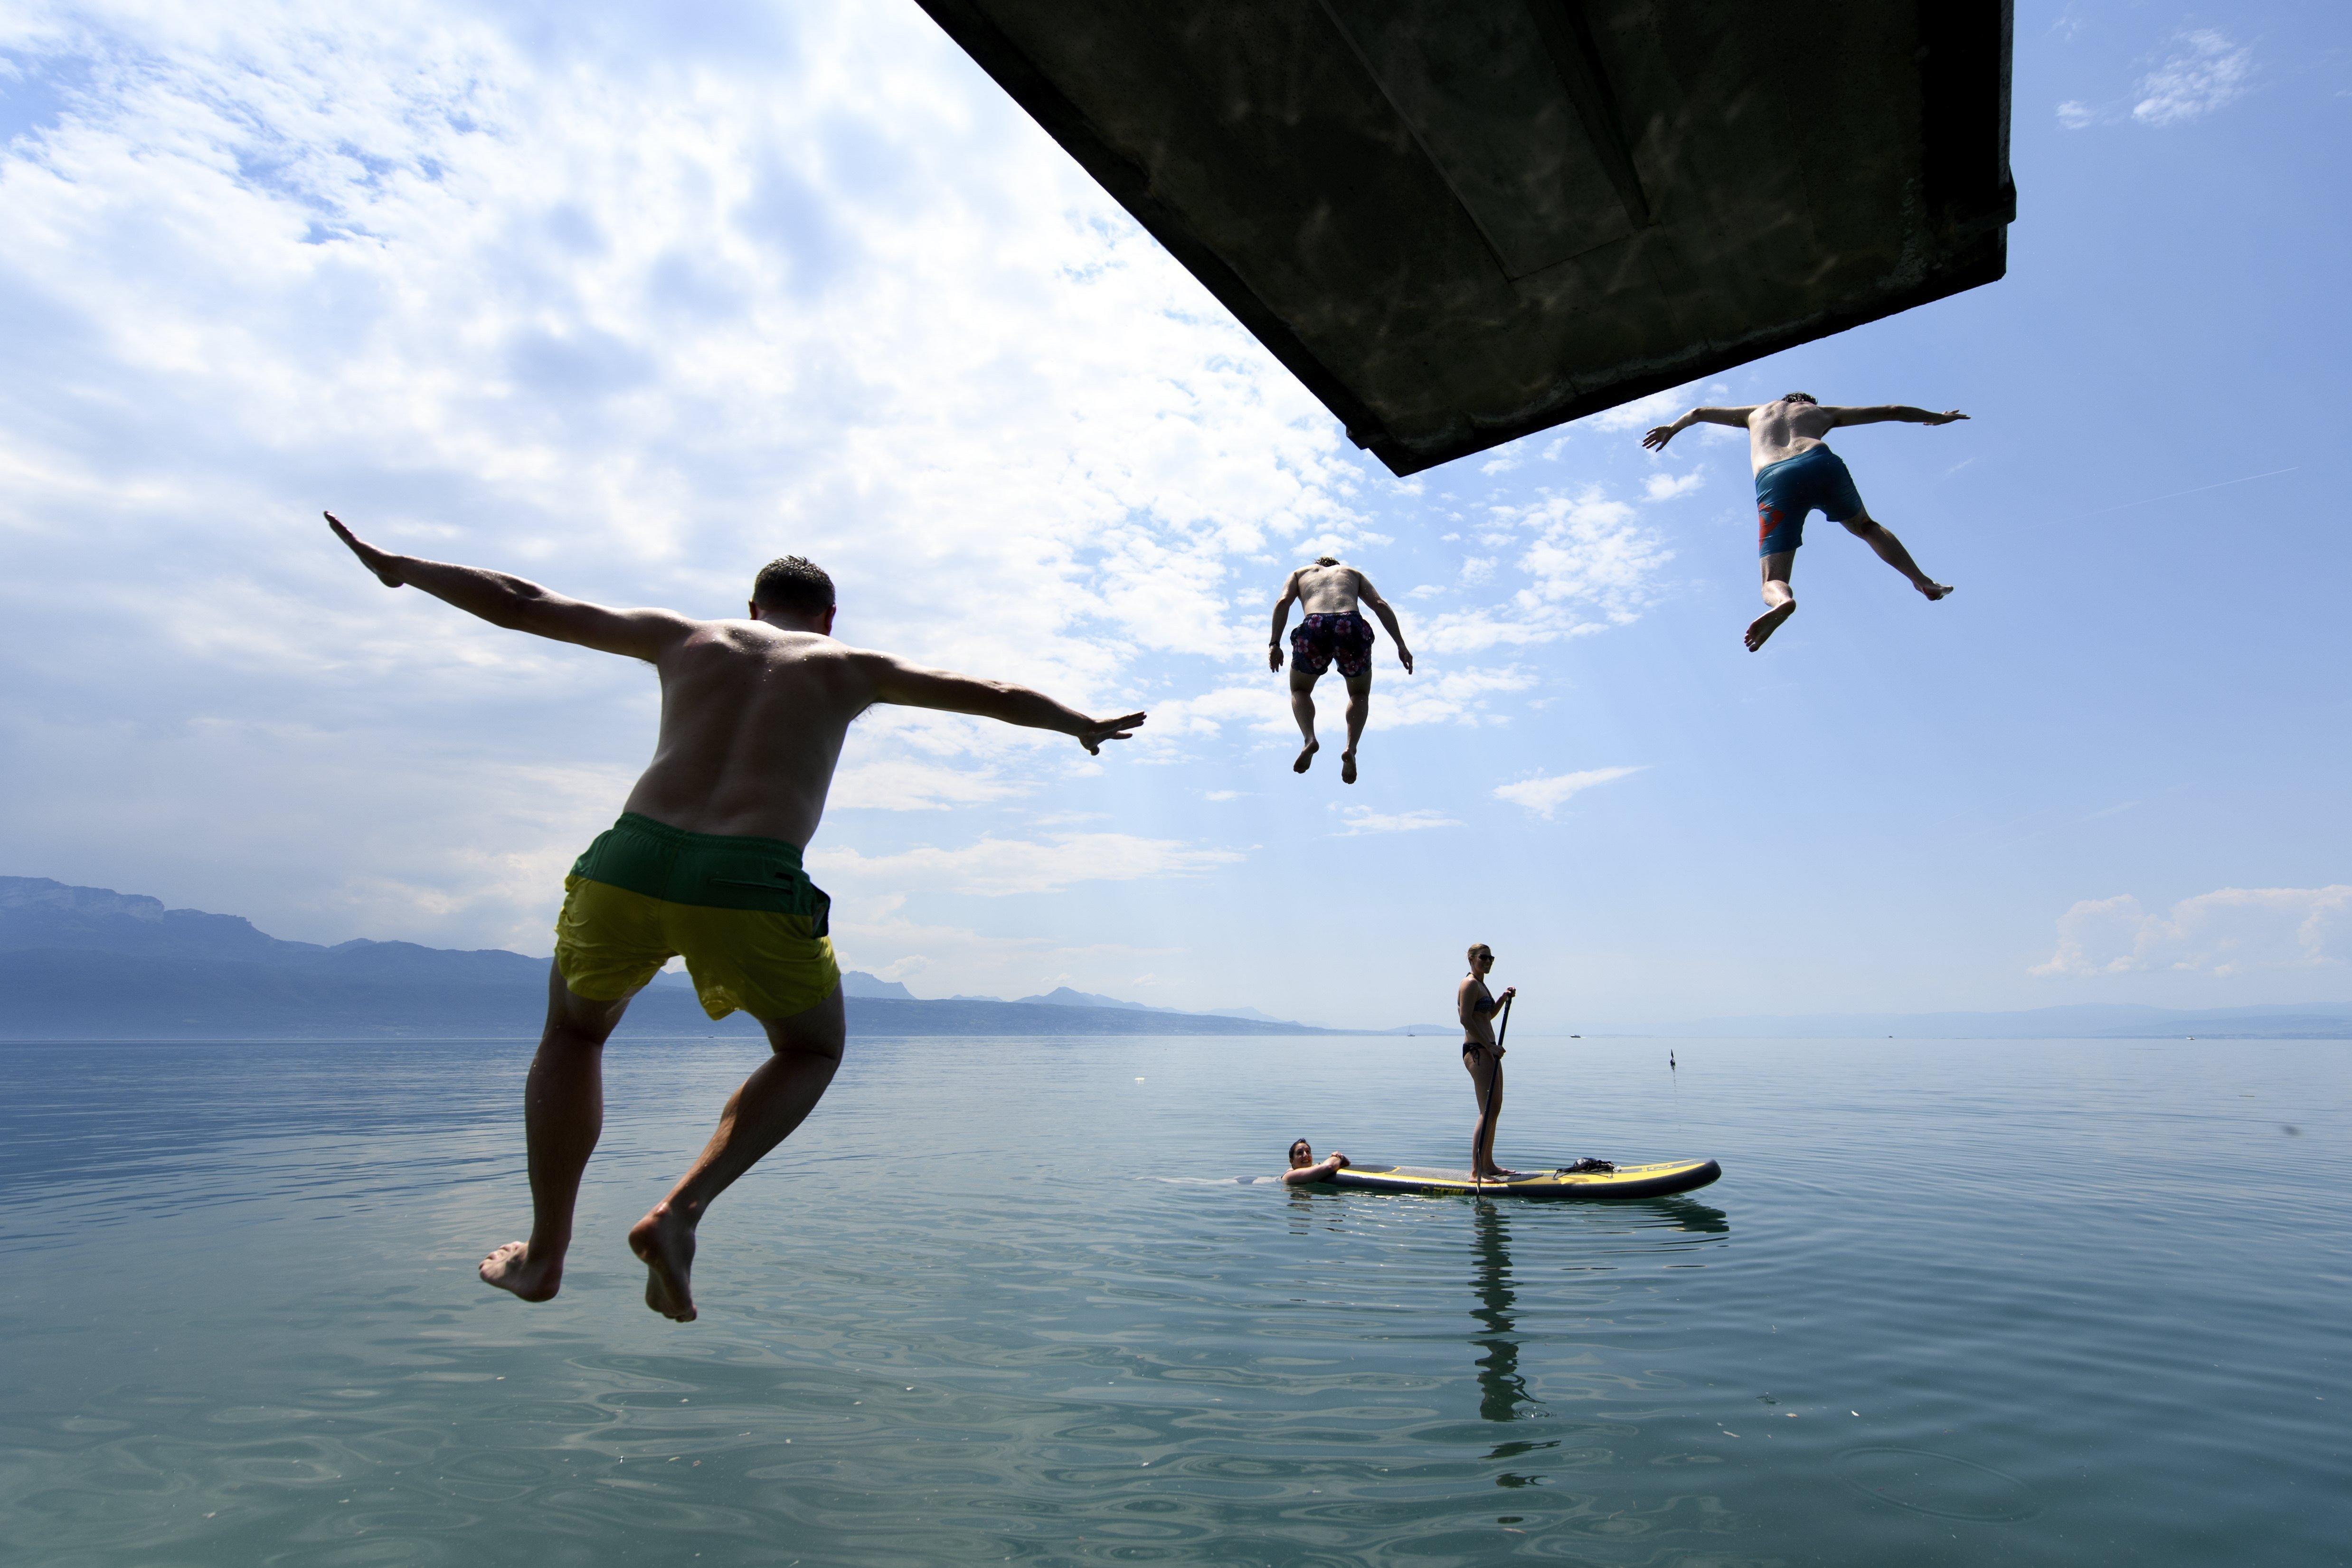 Diverses persones gaudeixen del sol i del bon temps en el llac de Lemán davant els Alps, entre Suïssa i França (Suïssa). /LAURENT GILLIERON